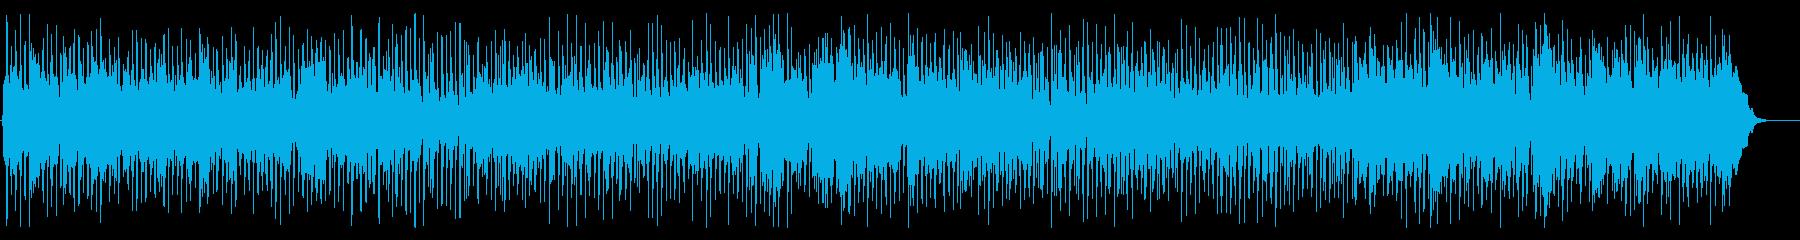 フルートピアノが爽やかでウキウキする作品の再生済みの波形